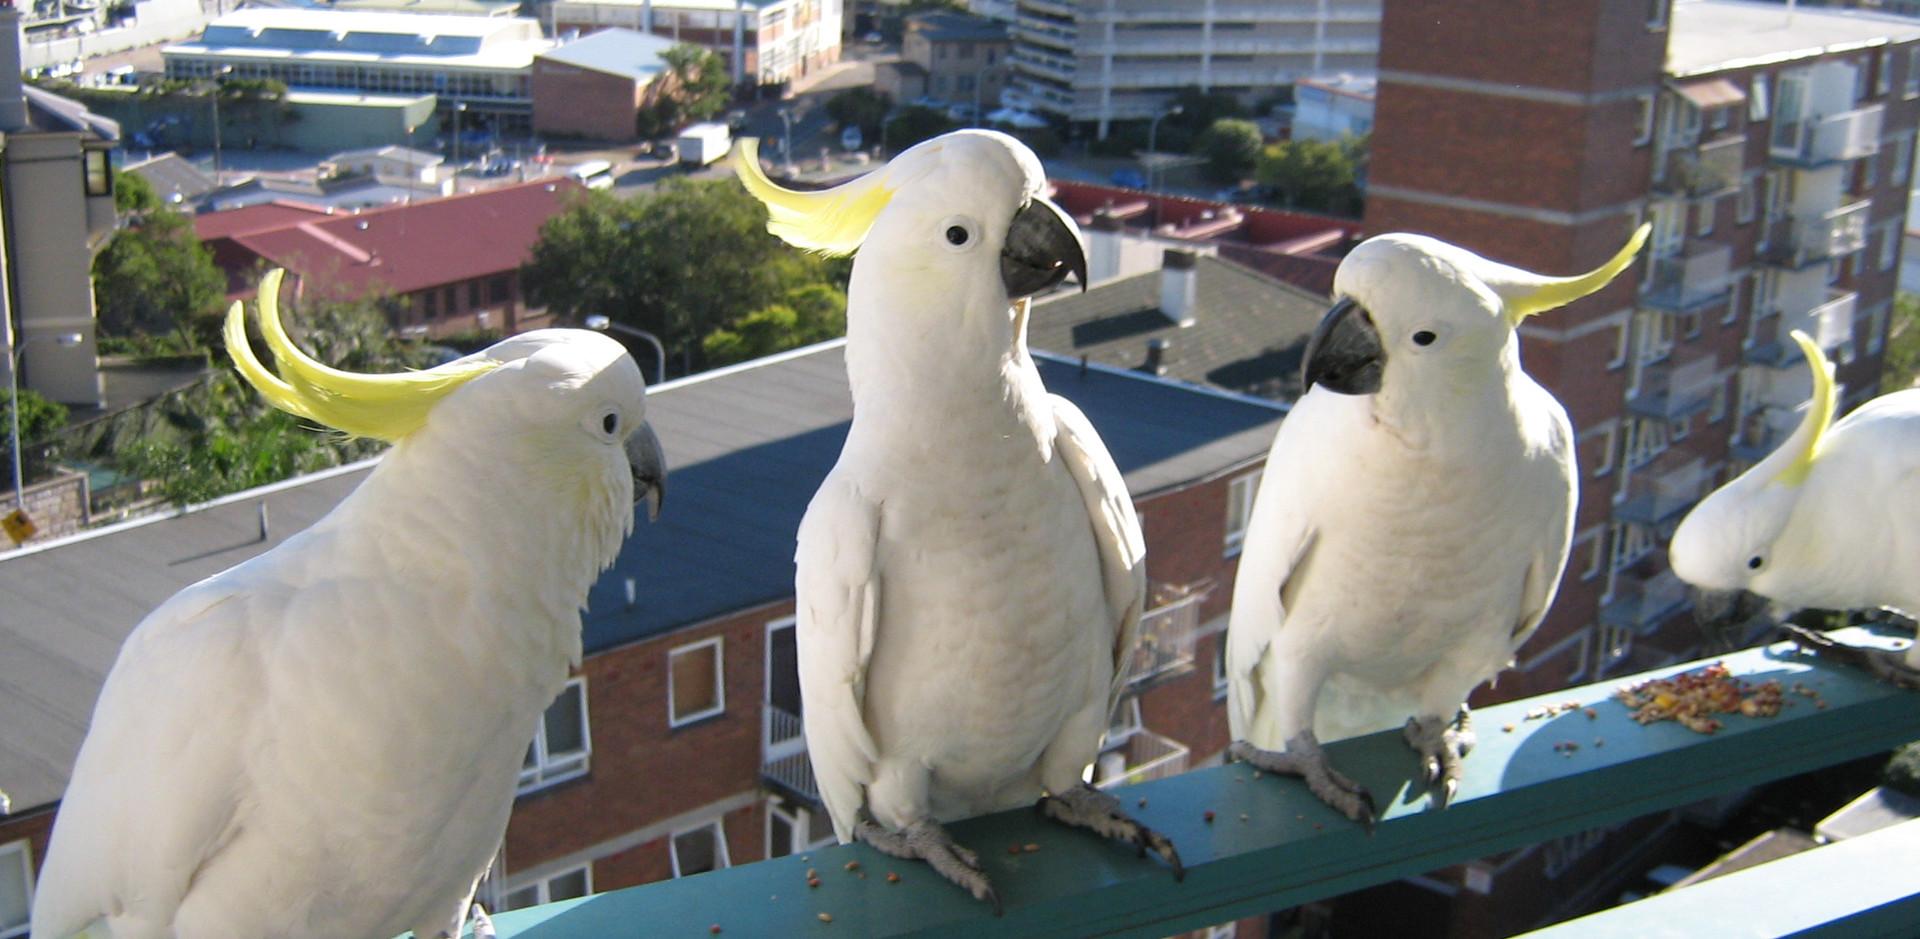 Sulphur-crested Cockatoos on a balcony, Sydney